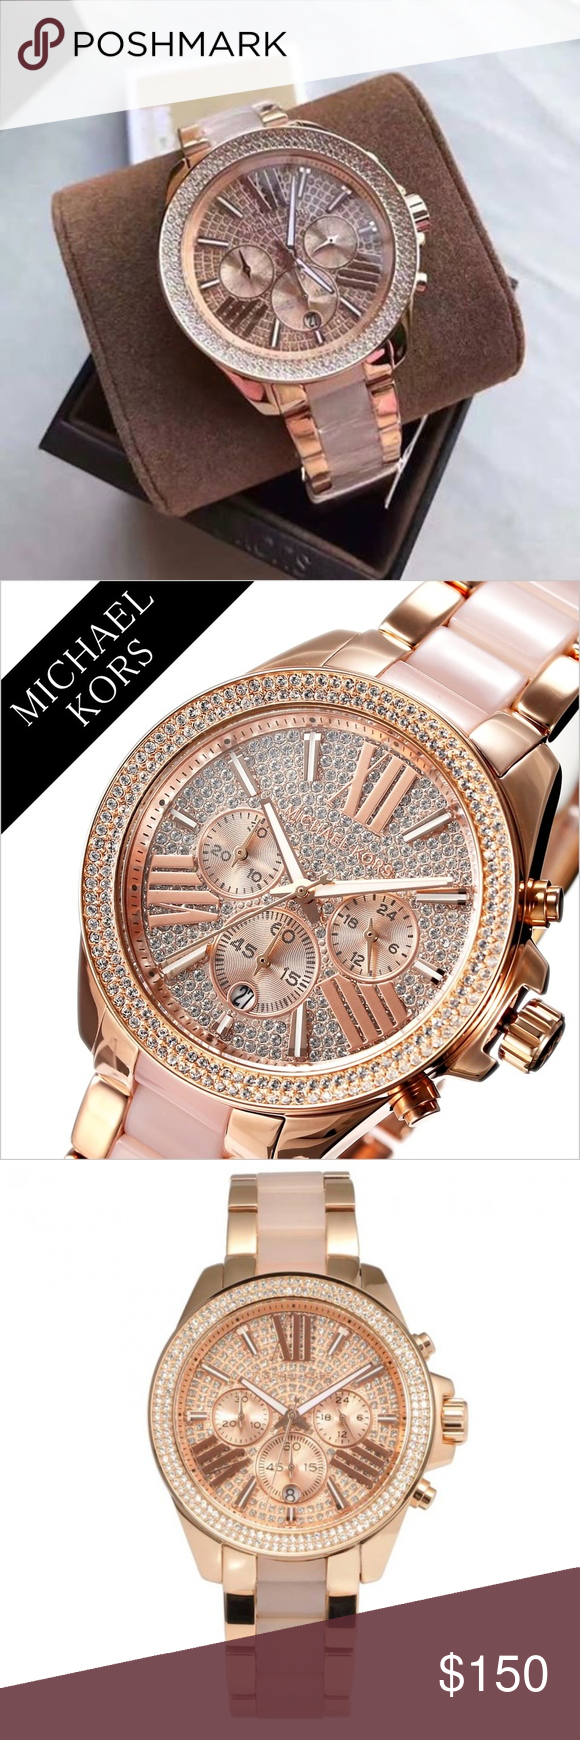 79d3fe06c4f1 Michael Kors Womens MK6096 - Wren WATCH Round watch featuring pave-set  crystal bezel